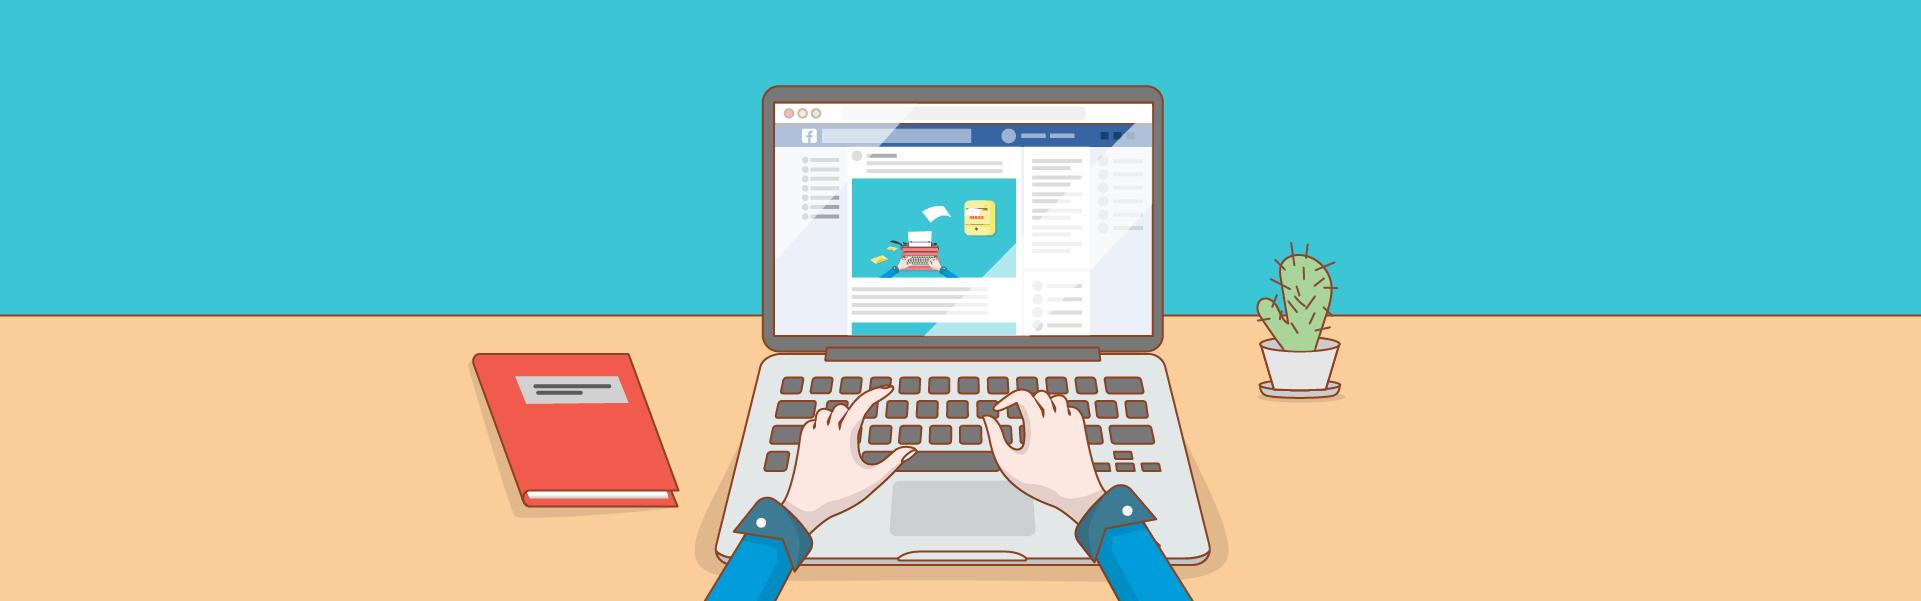 Как настроить и вести бизнес-аккаунт в соцсетях: руководство для новичков баннер